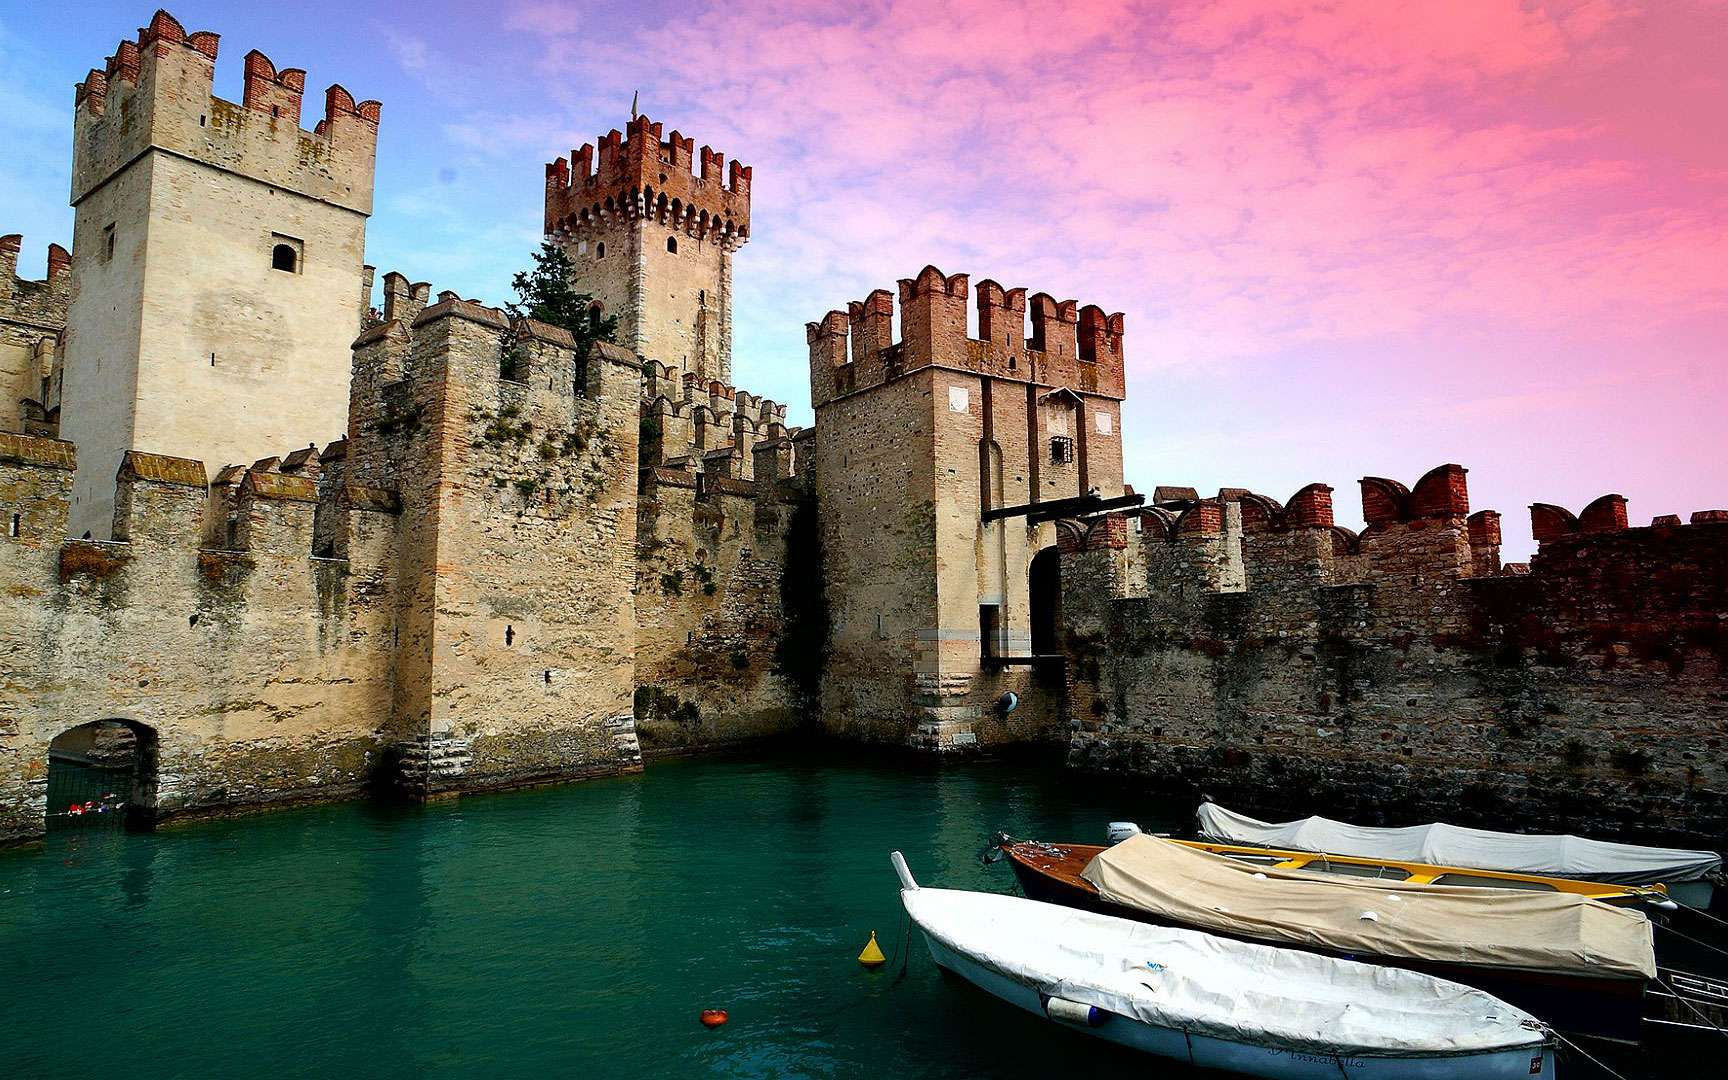 Le château Scaliger de Sirmione. Le château Scaliger de Sirmione date du XIIIe siècle. Il a été construit par les Scaliger, les seigneurs de Vérone, sur une presqu'île du lac de Garde. © Amaury Le Hesran, Flickr, CC by-nc-nd 2.0